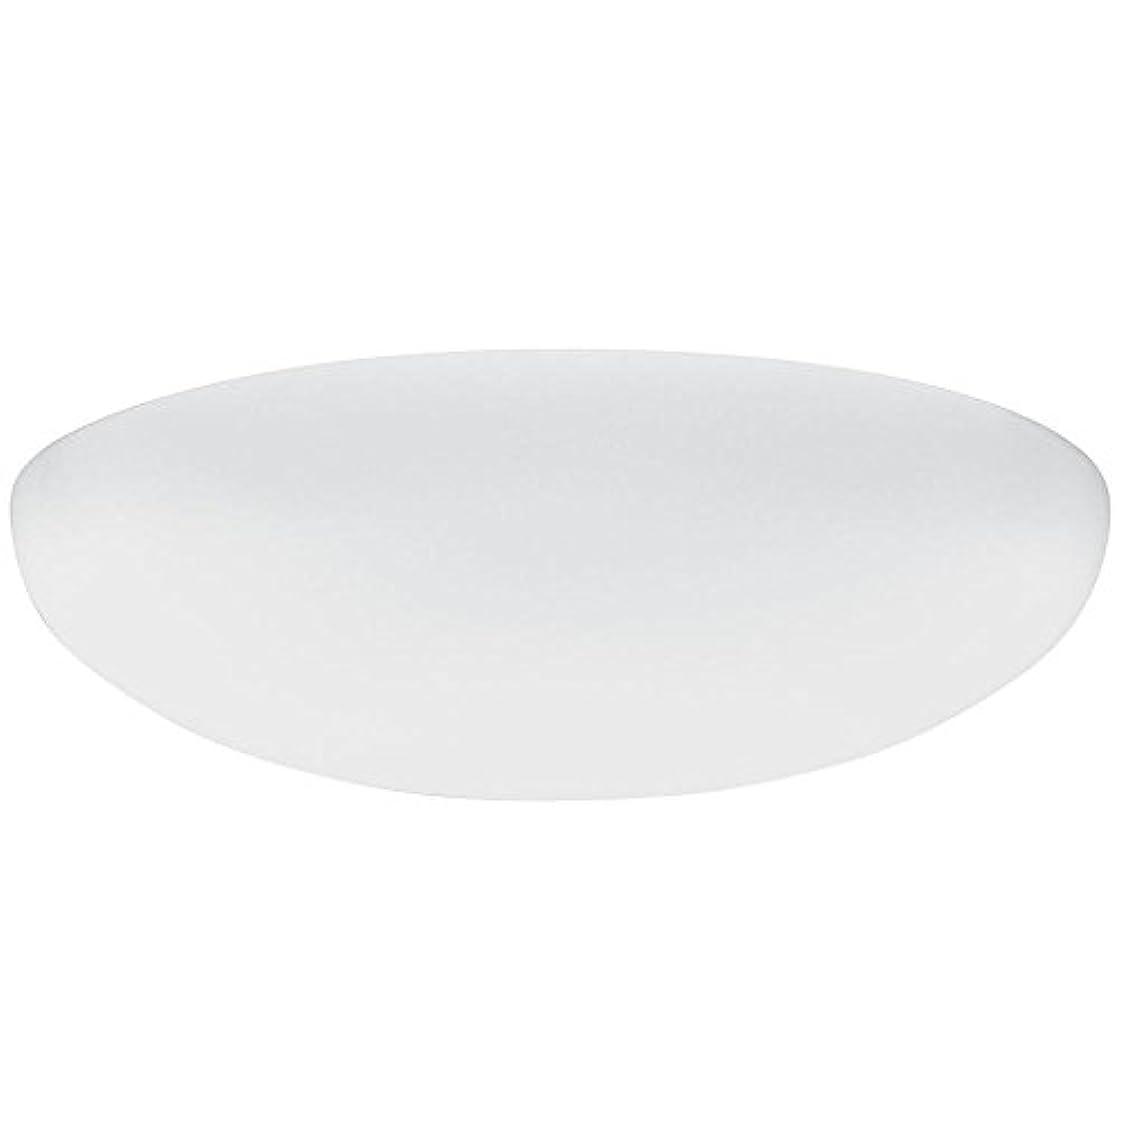 リンケージ驚かす素晴らしきLithonia Lighting DFMLRL14 M4 Replacement Diffuser, 14, White by Lithonia Lighting